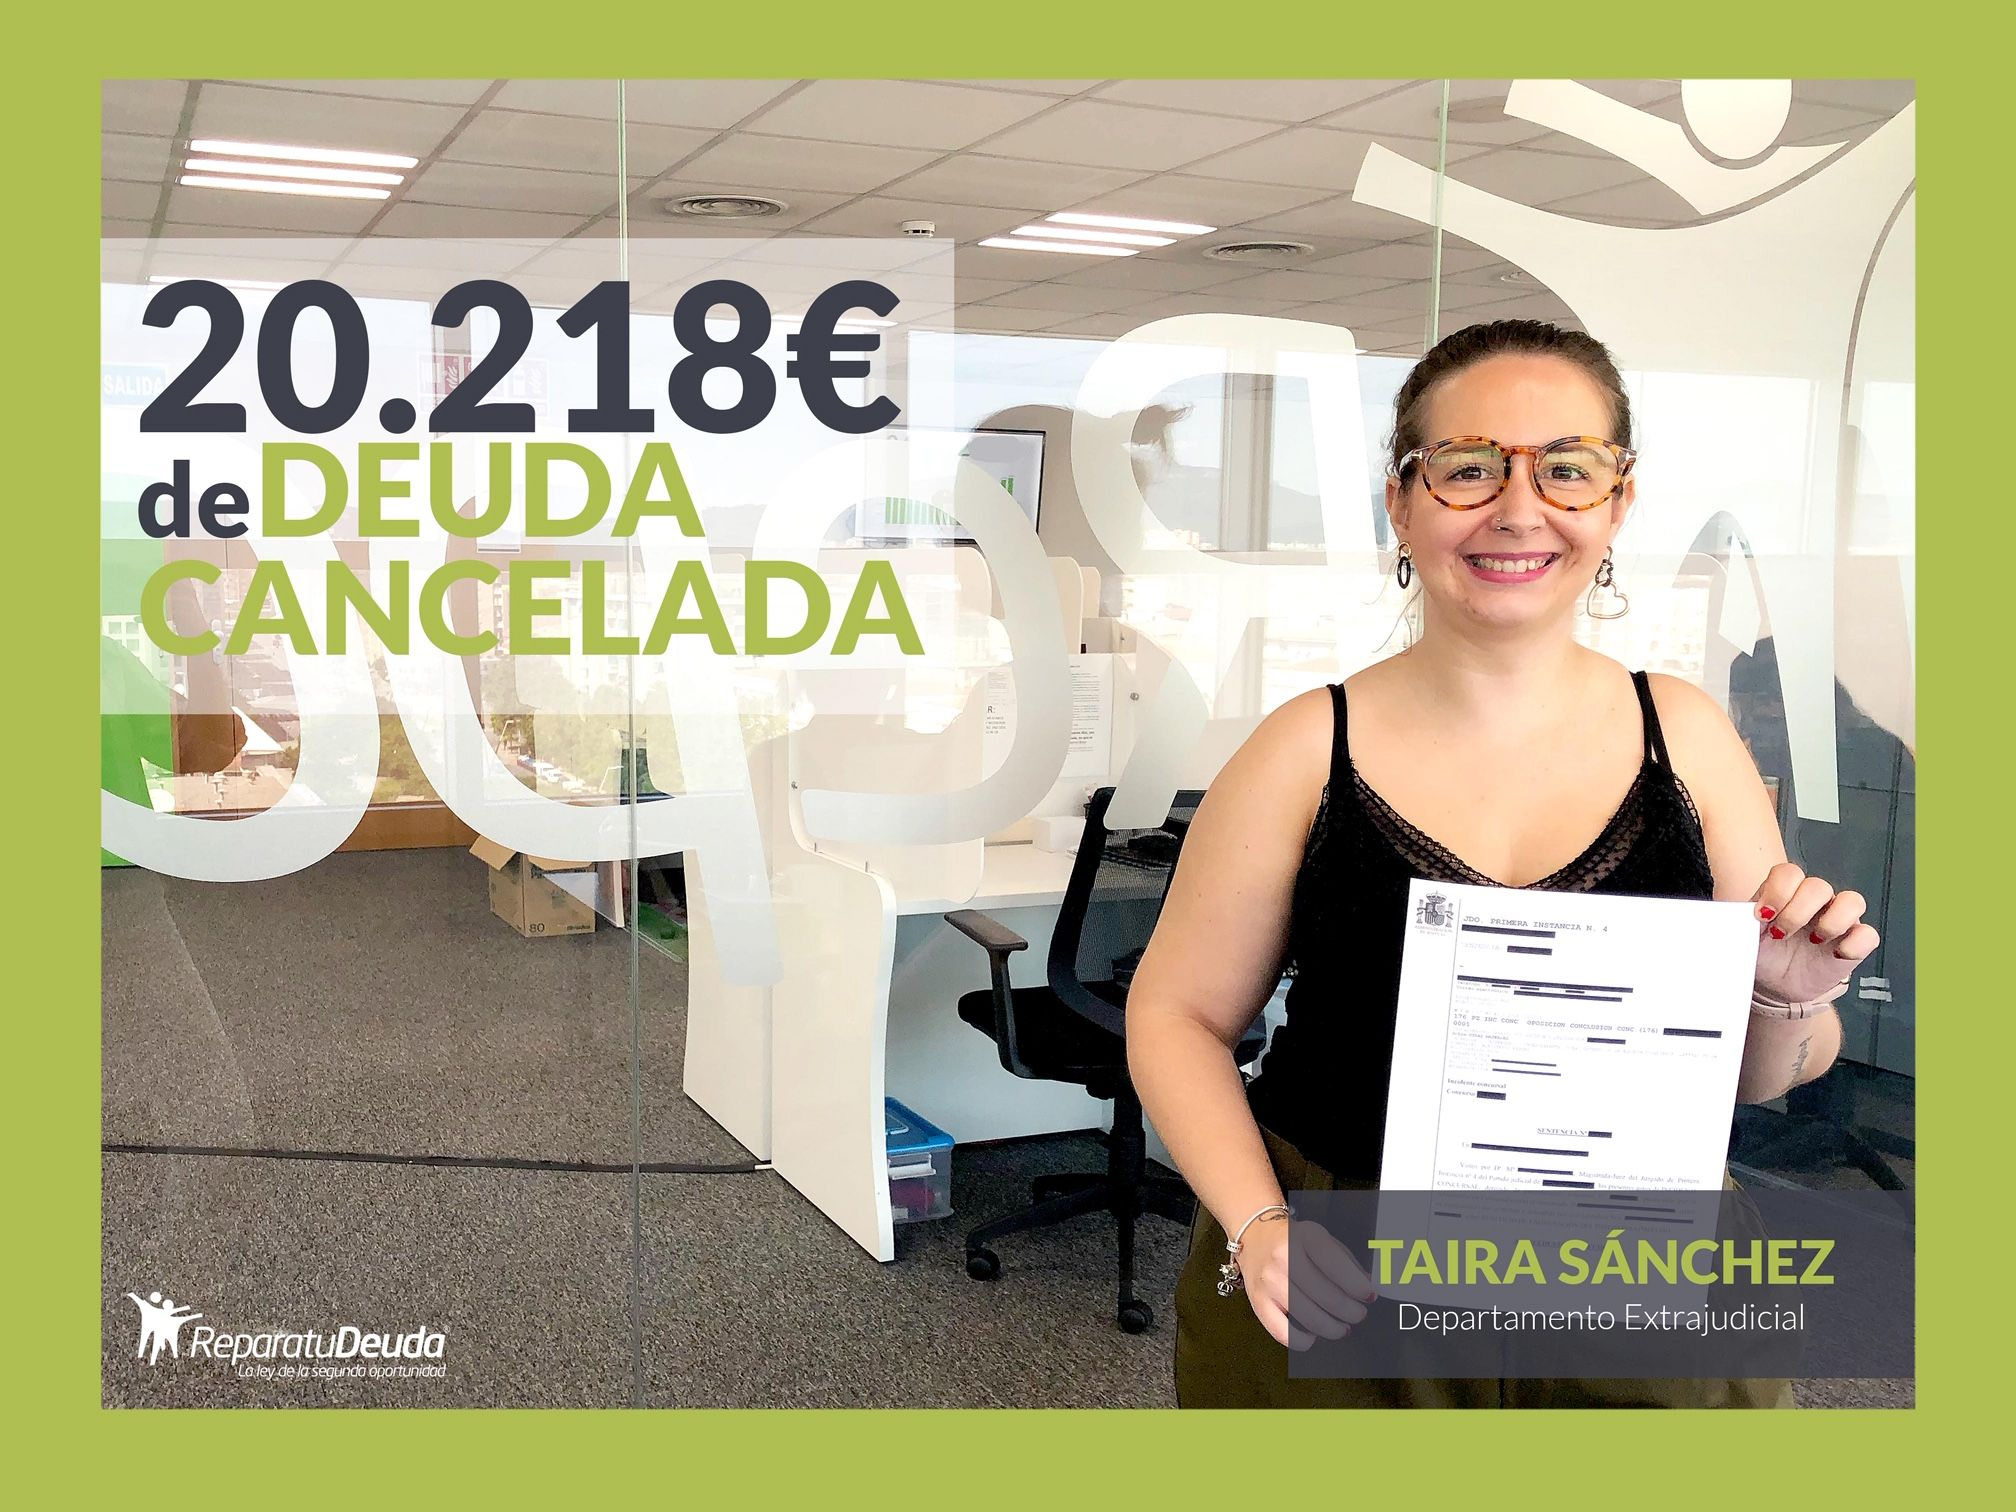 Repara tu Deuda cancela 20.218 € a un vecino de Sant Boi de Llobregat, con la Ley de la Segunda Oportunidad